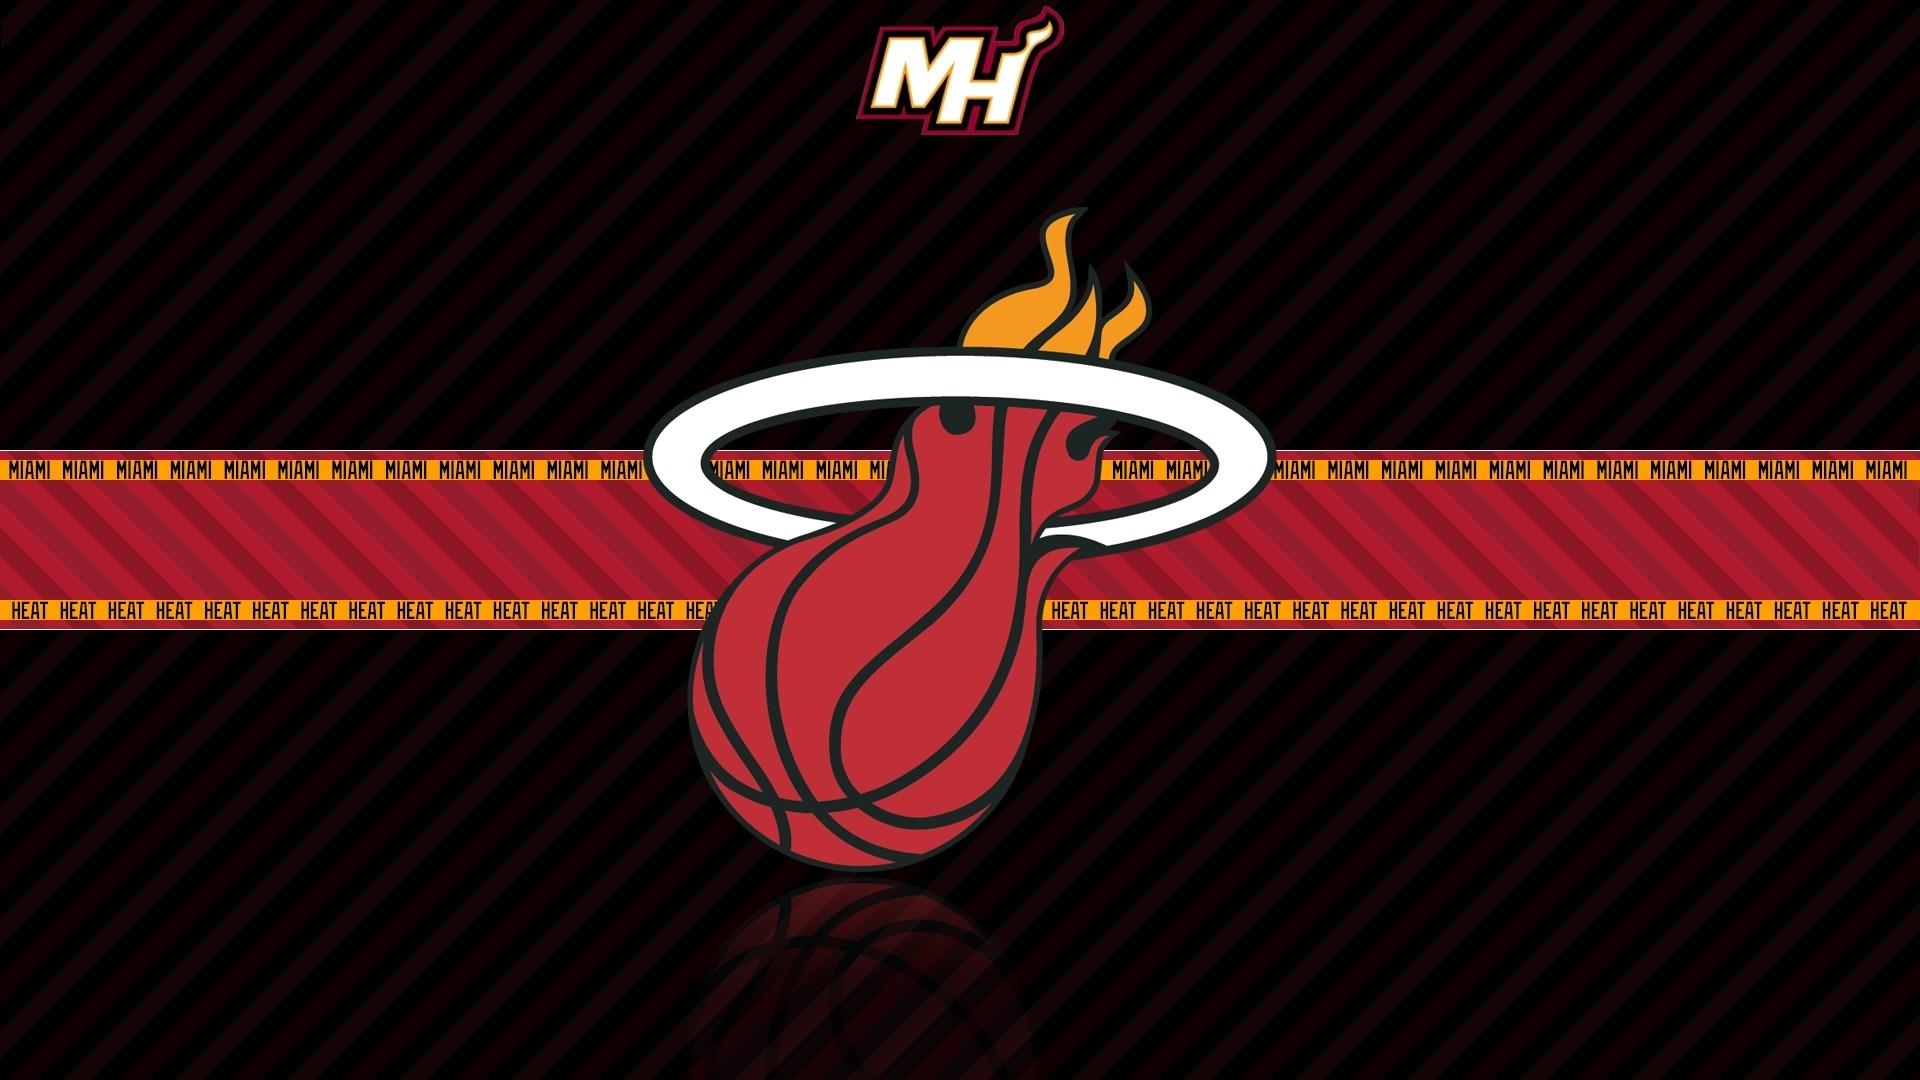 miami heat full hd fond d'écran and arrière-plan | 1920x1080 | id:410460